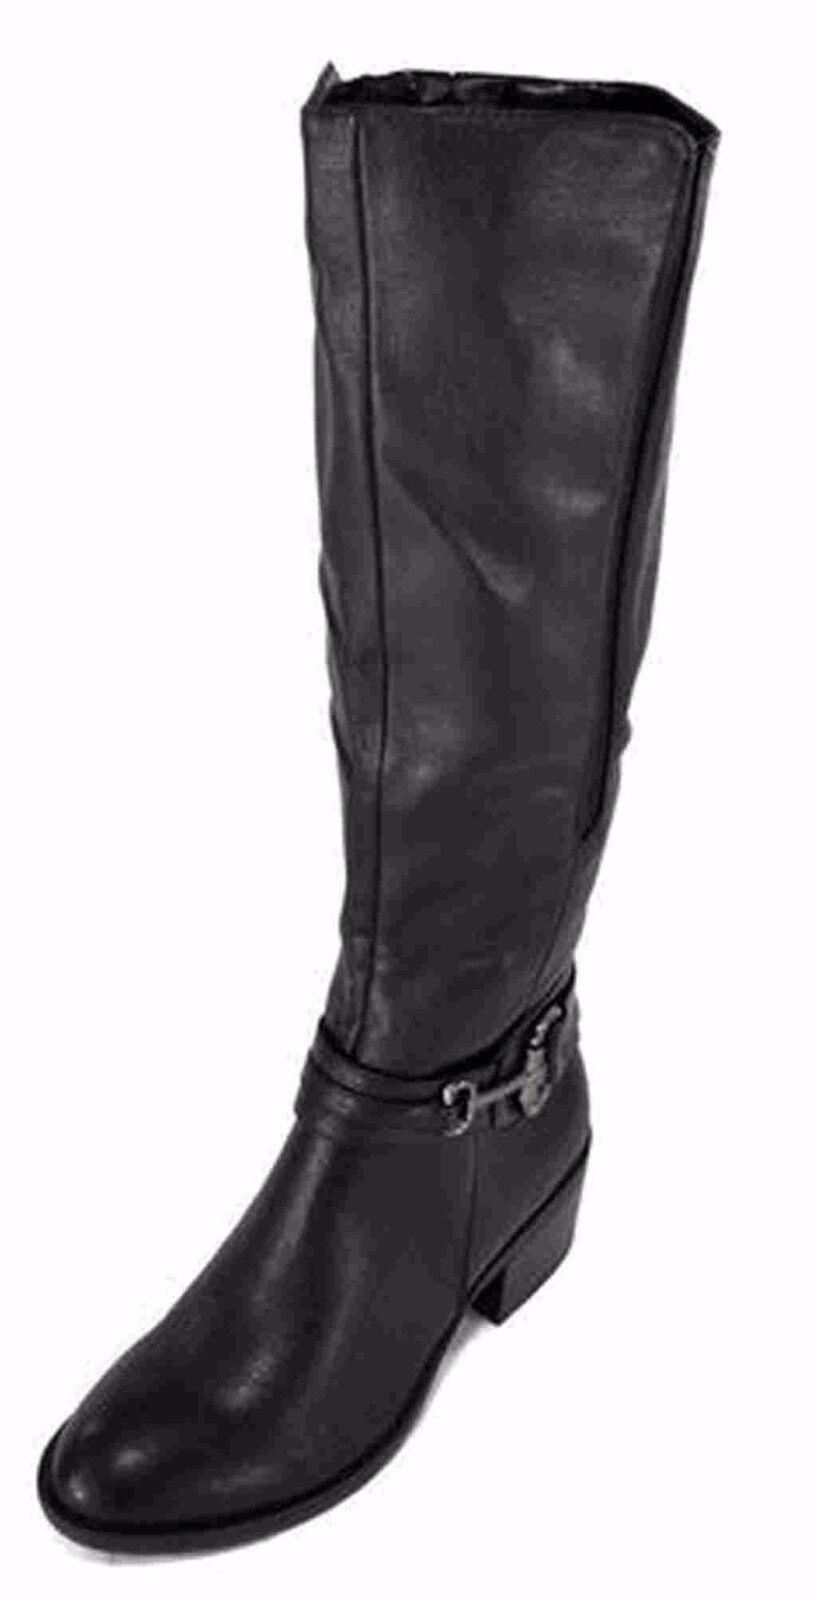 New! Women's Sole Senseability KRIZIA Tall Riding Boot in Black 66312 E23